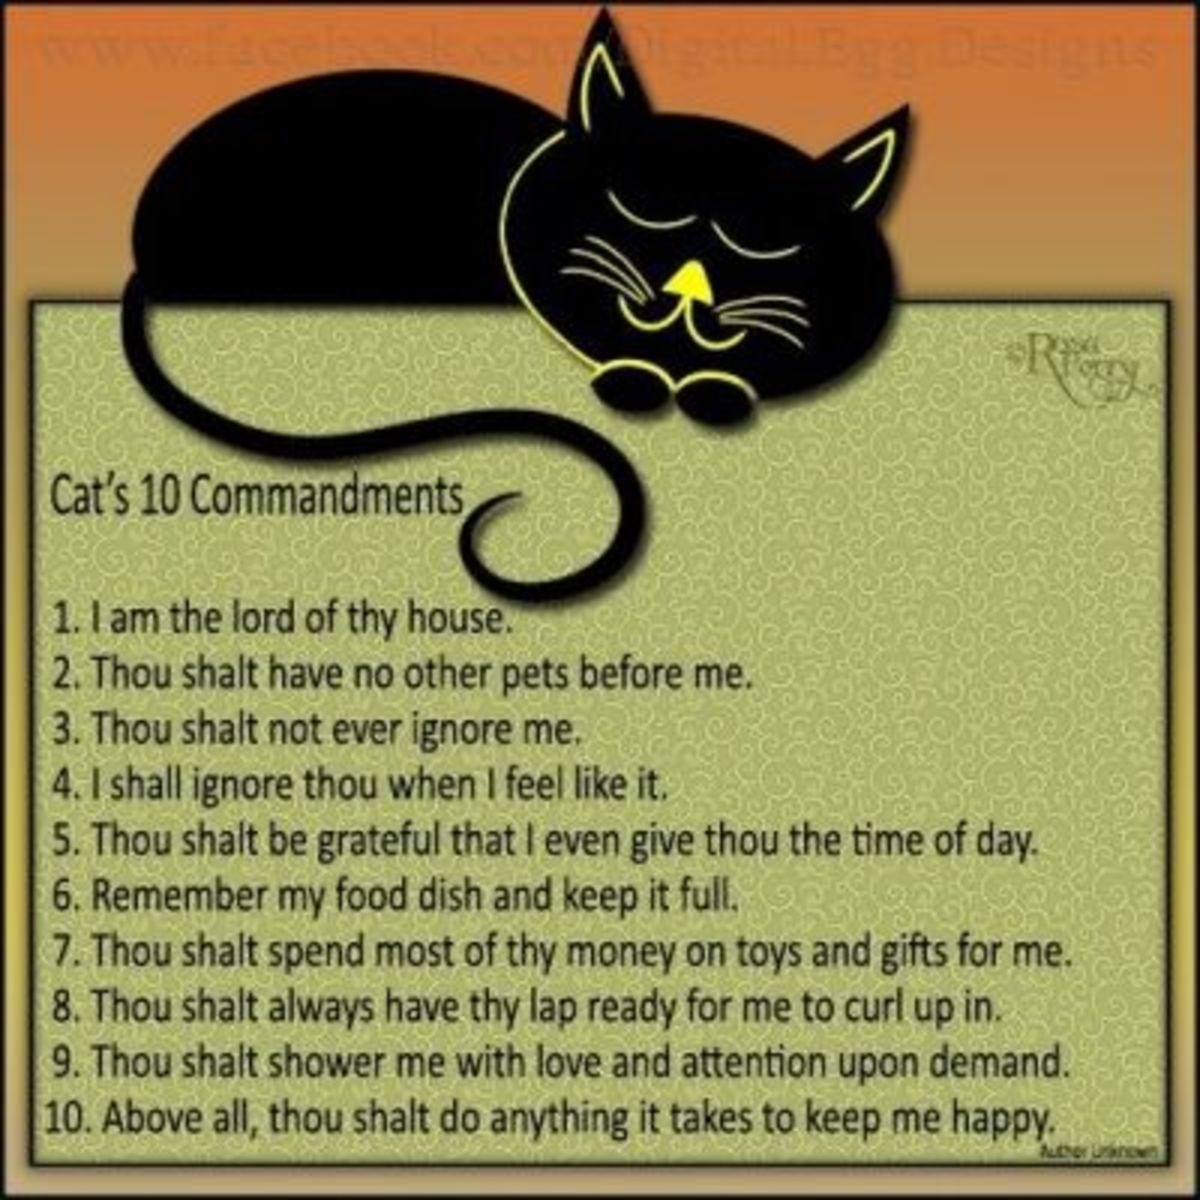 CATmandments